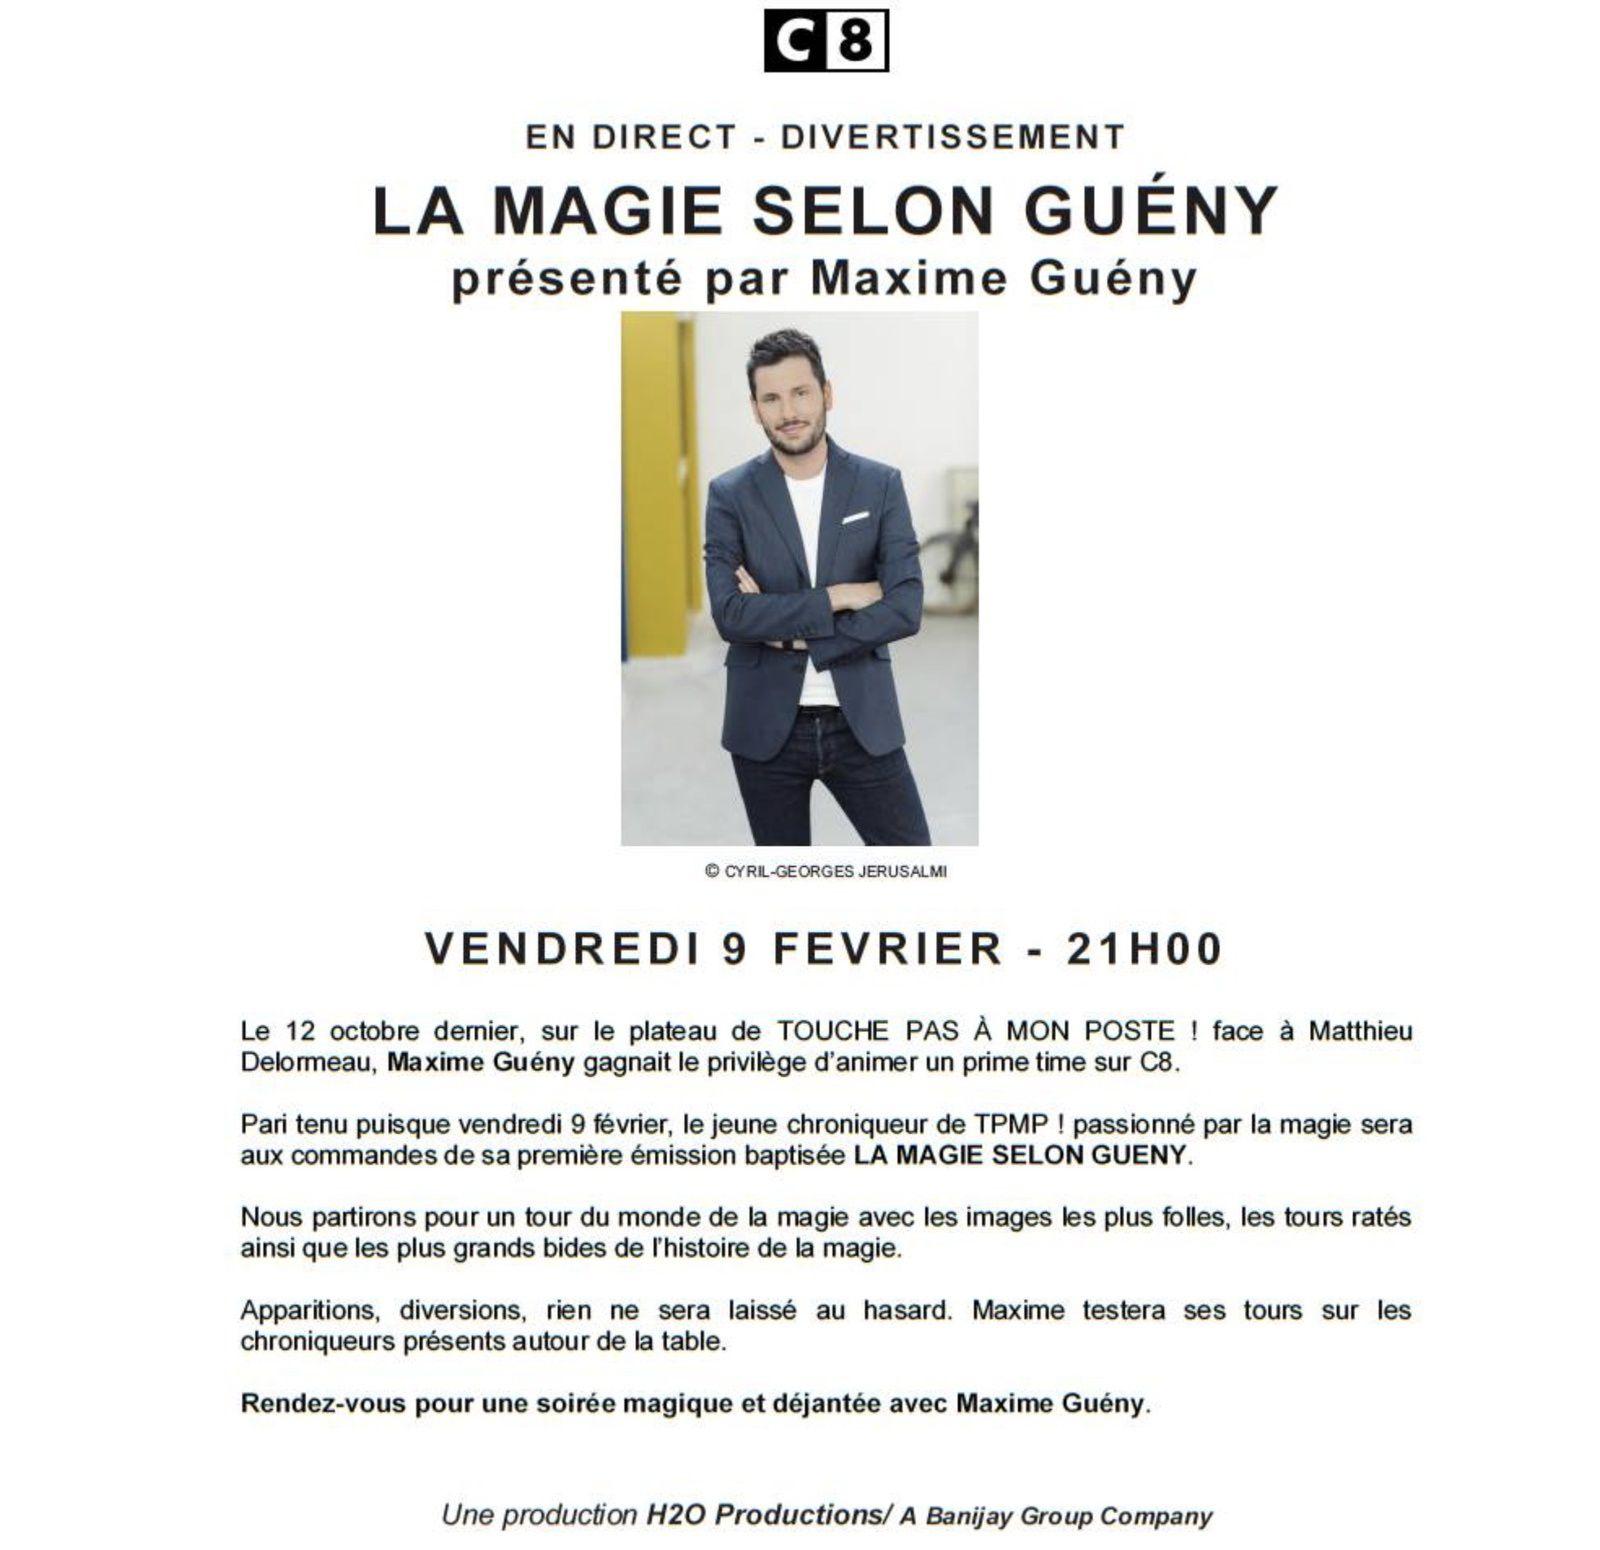 Premier Prime pour Maxime Guény sur C8, le 9 février.